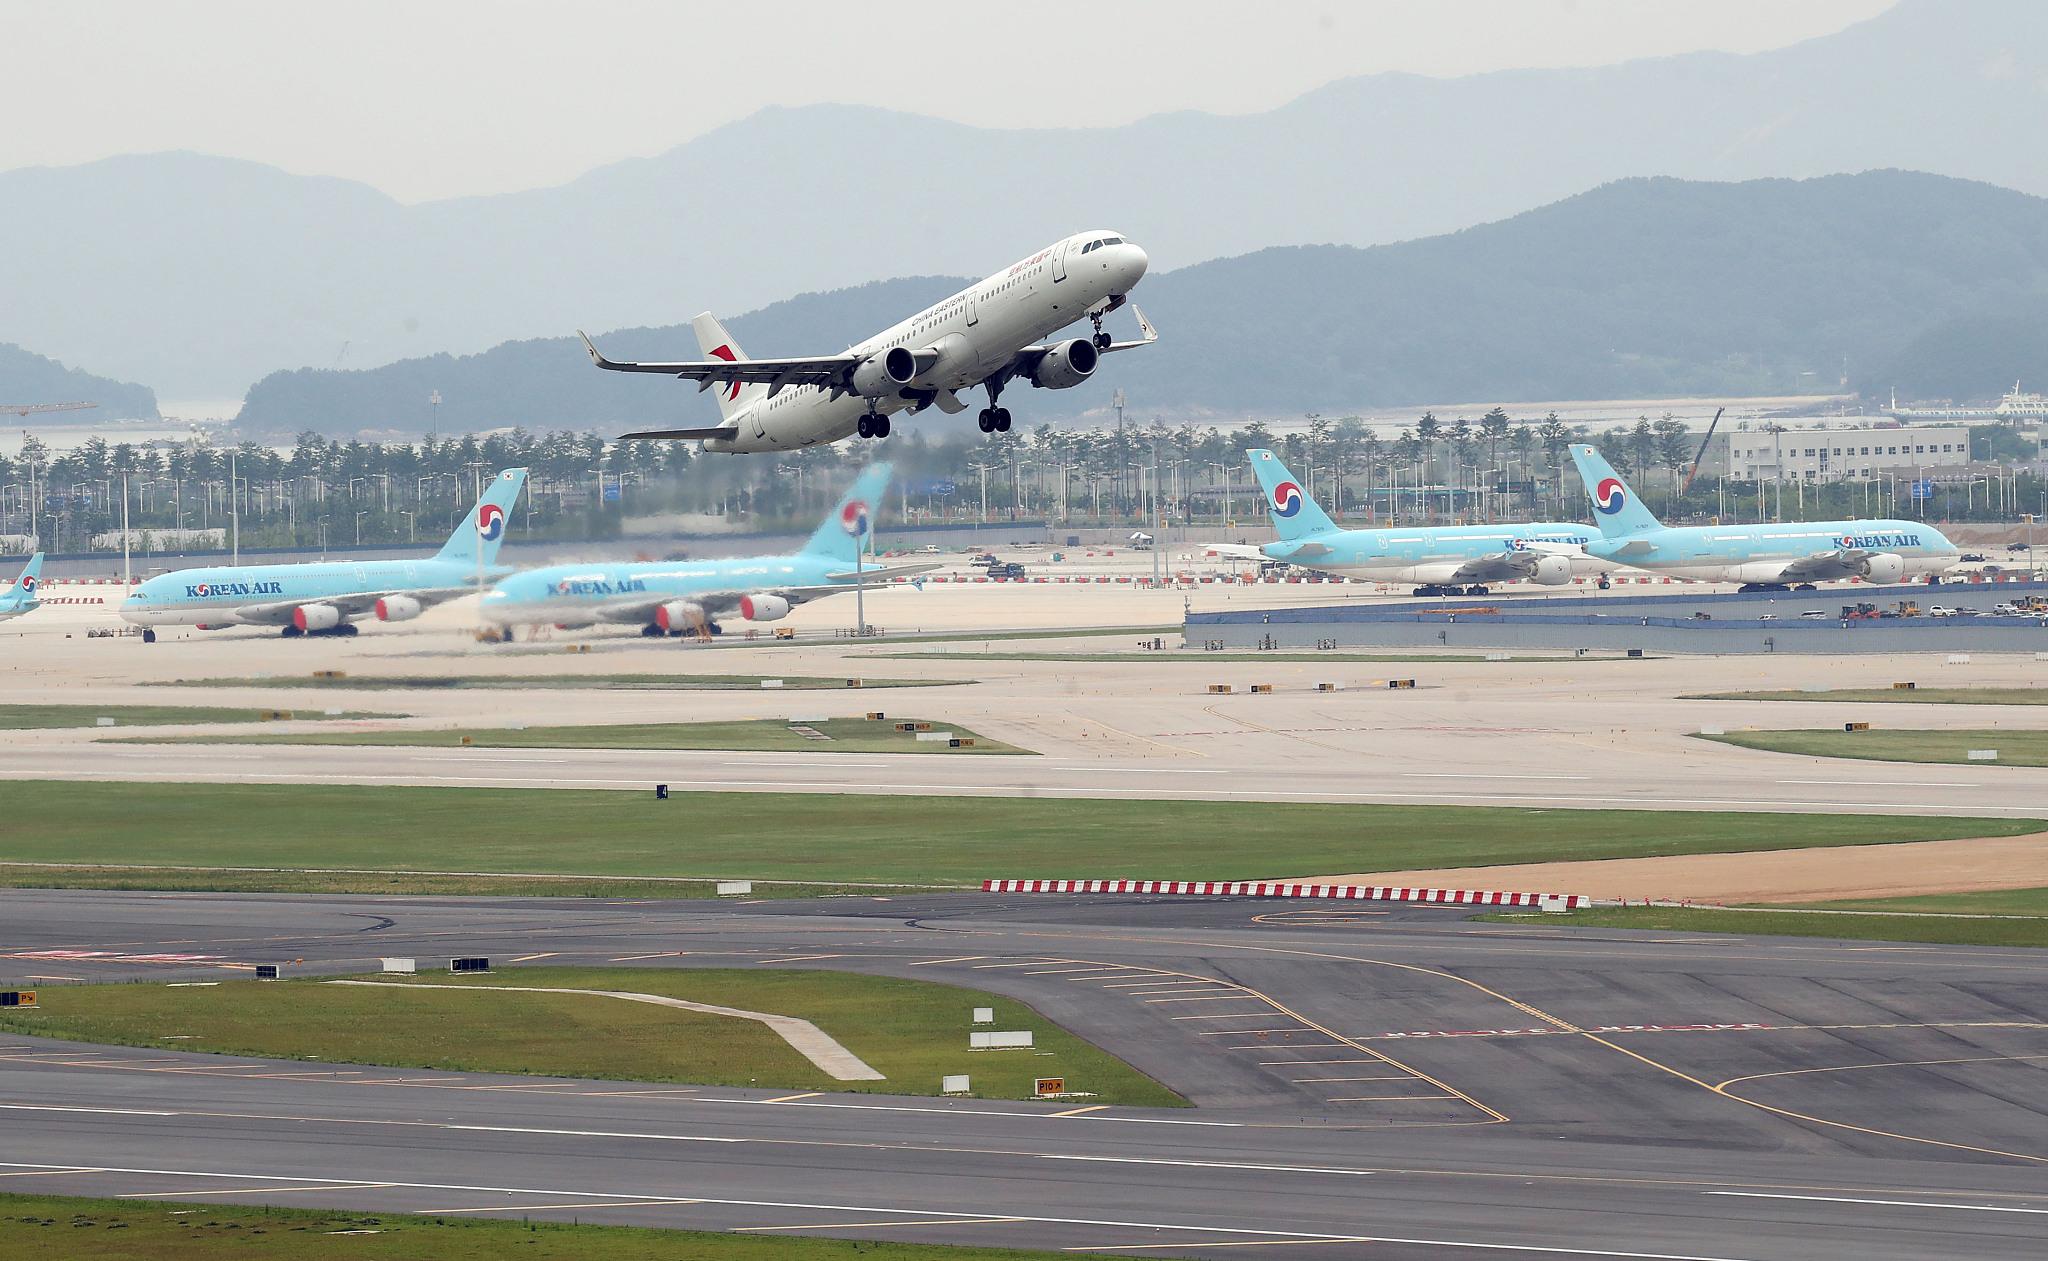 韩国延长对伊拉克等国旅行禁令至明年1月底